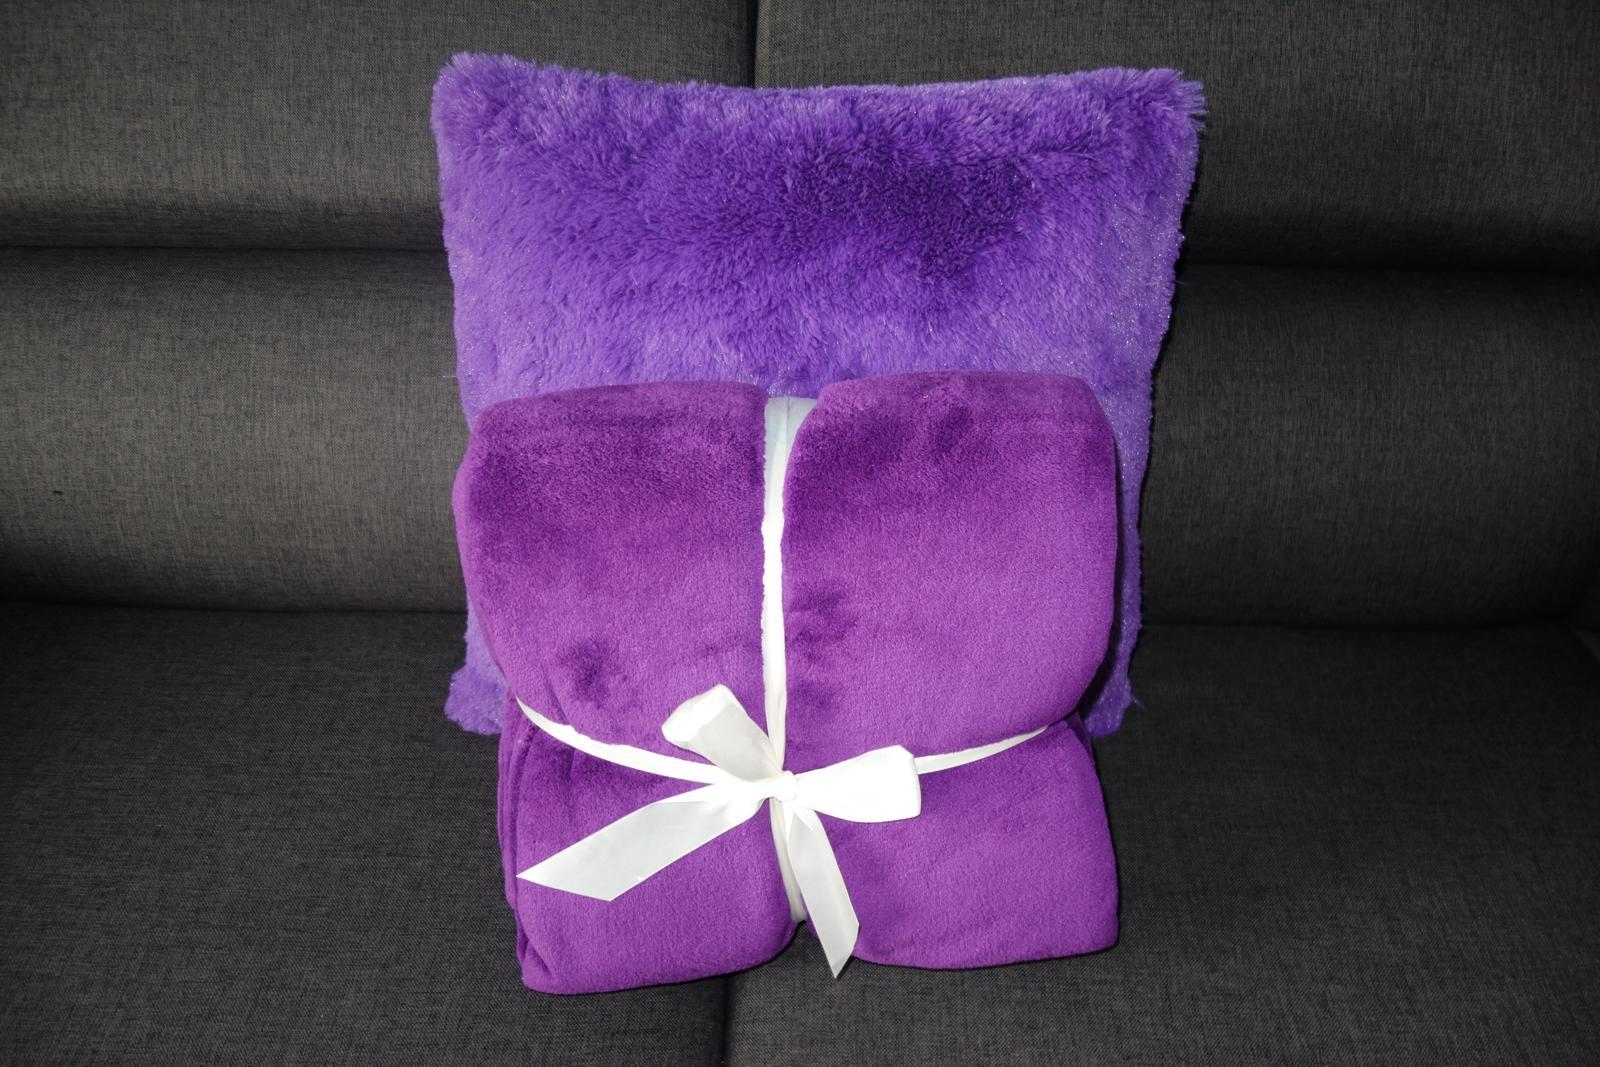 XXL deka a vankúš na posteľ, sedačku - Obrázok č. 1